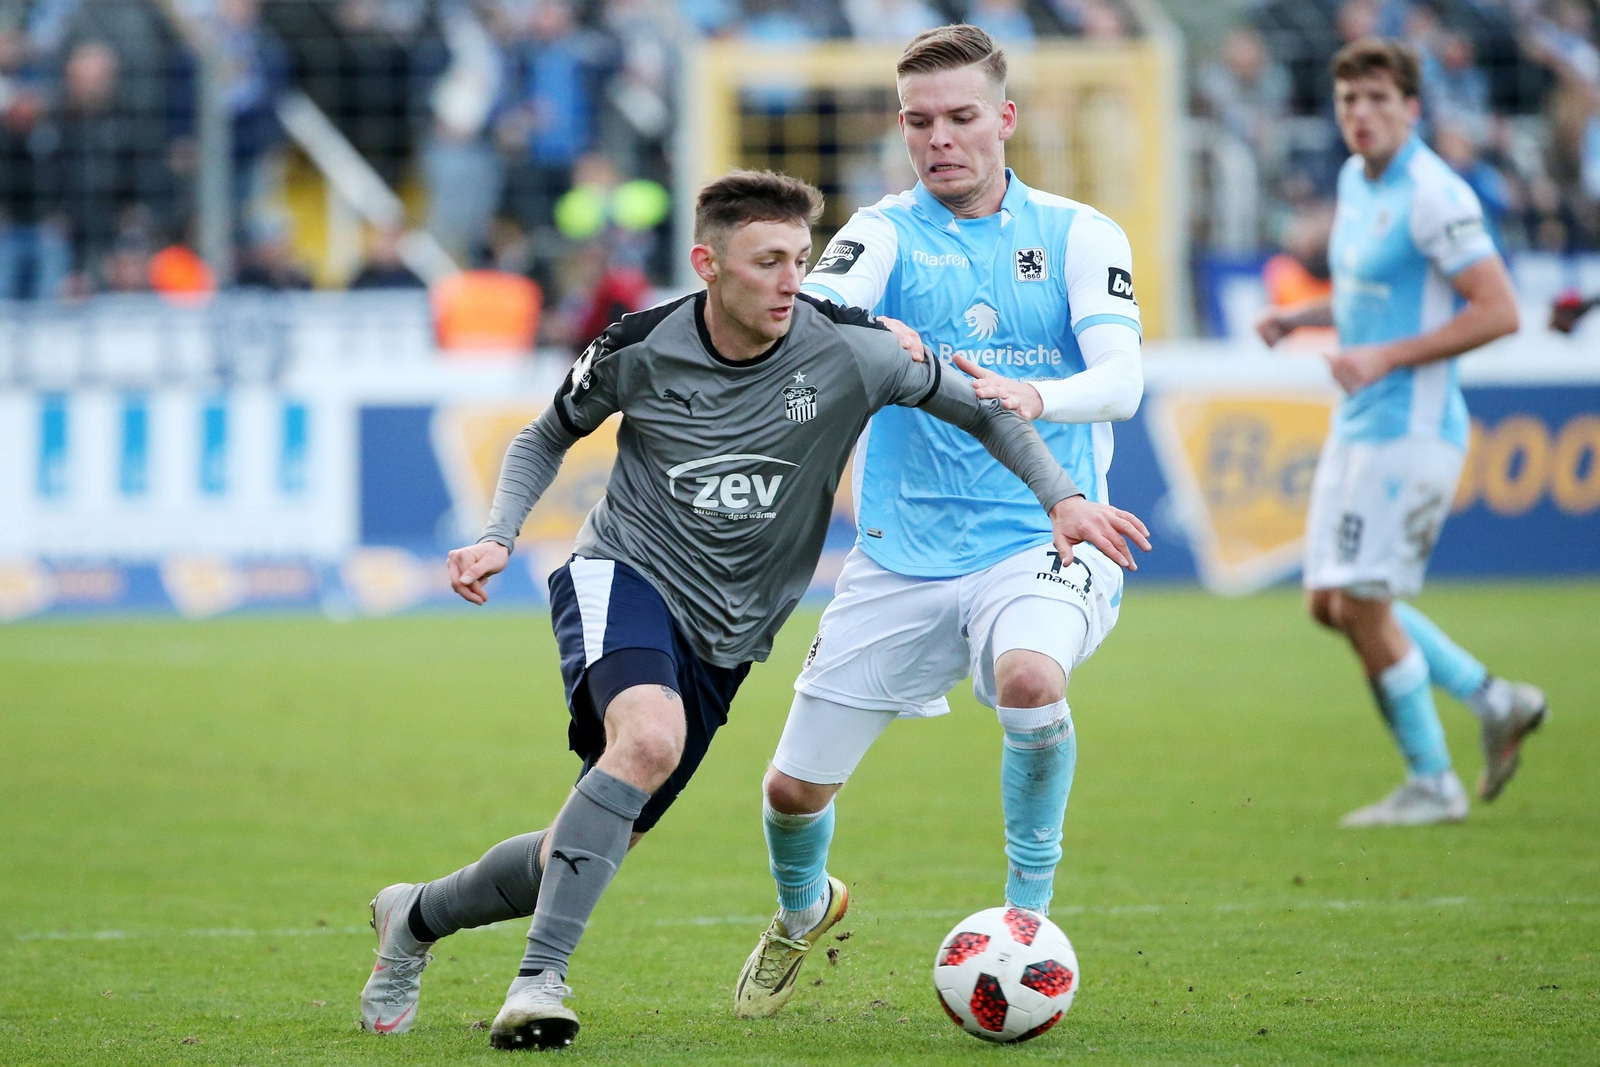 Christian Bickel im Zweikampf mit Daniel Wein.